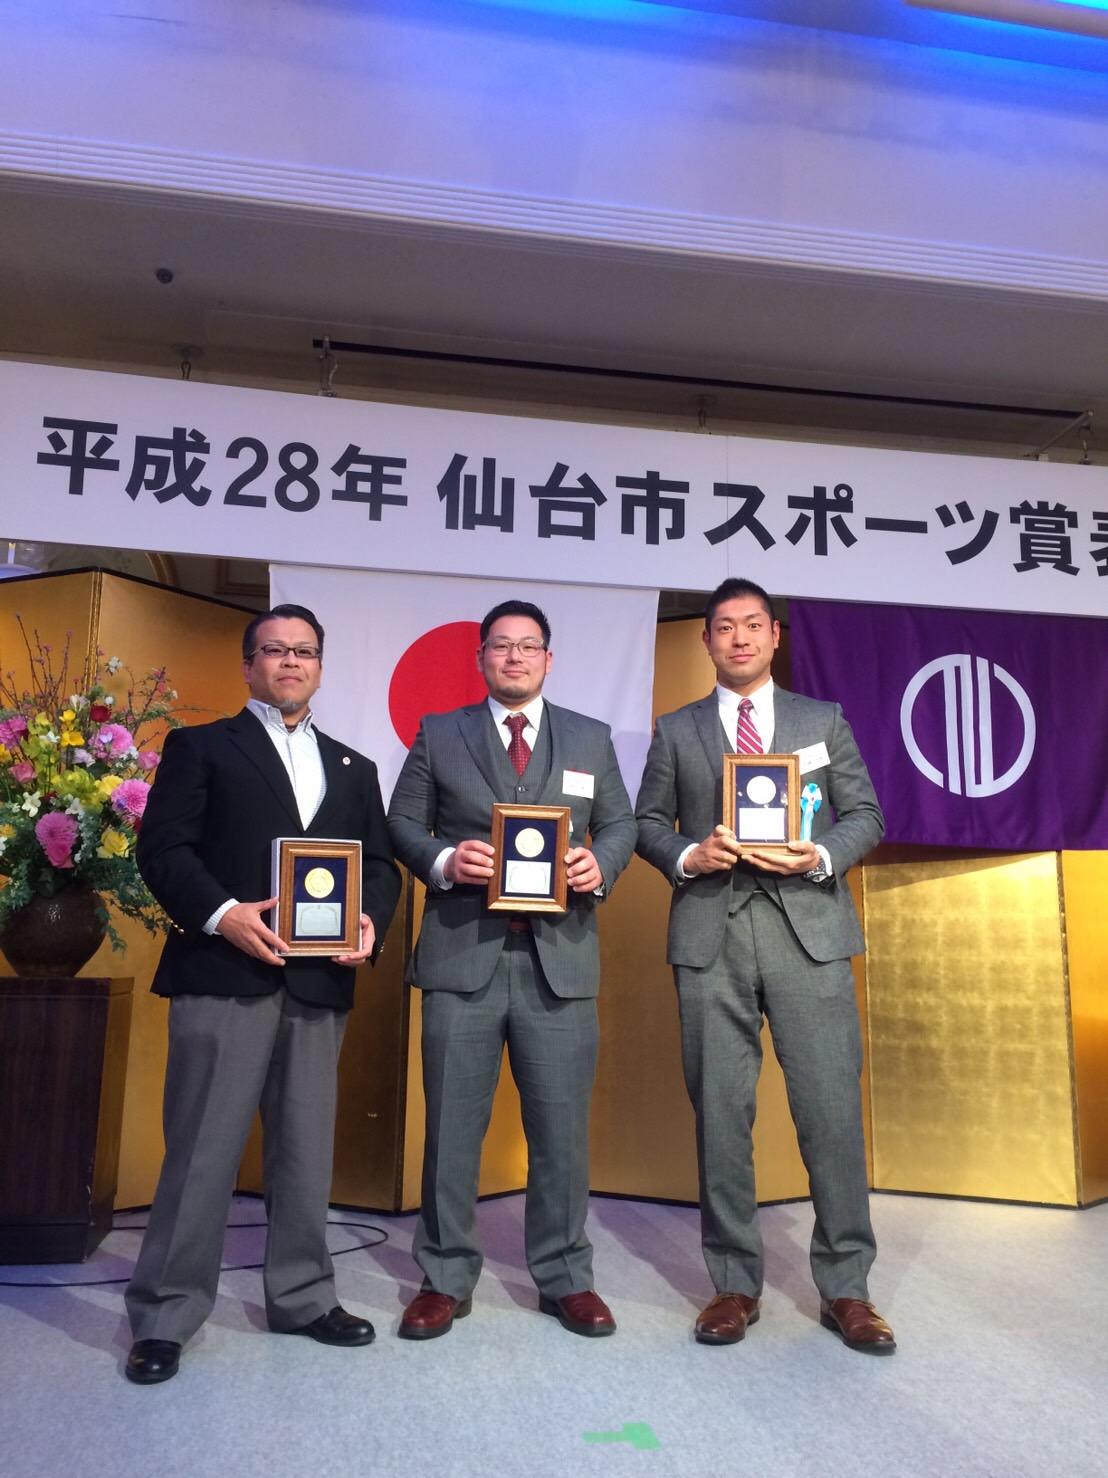 仙台市 スポーツ賞 2017 SDJJ